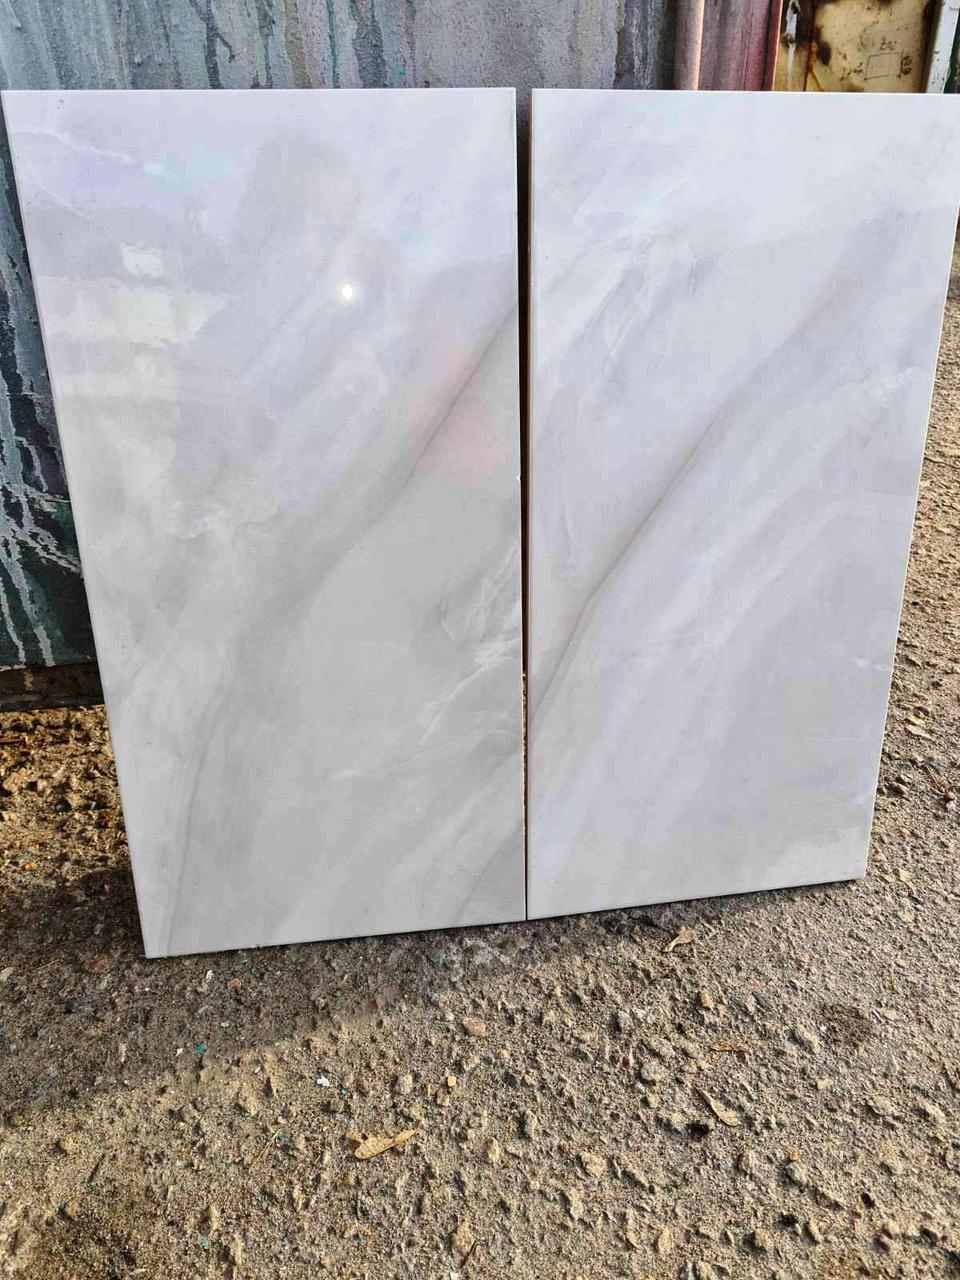 Плитка настенная глазурованная глянец Lazurit светлый 300x600 мм Кафель для Стен под Испанский Мрамор